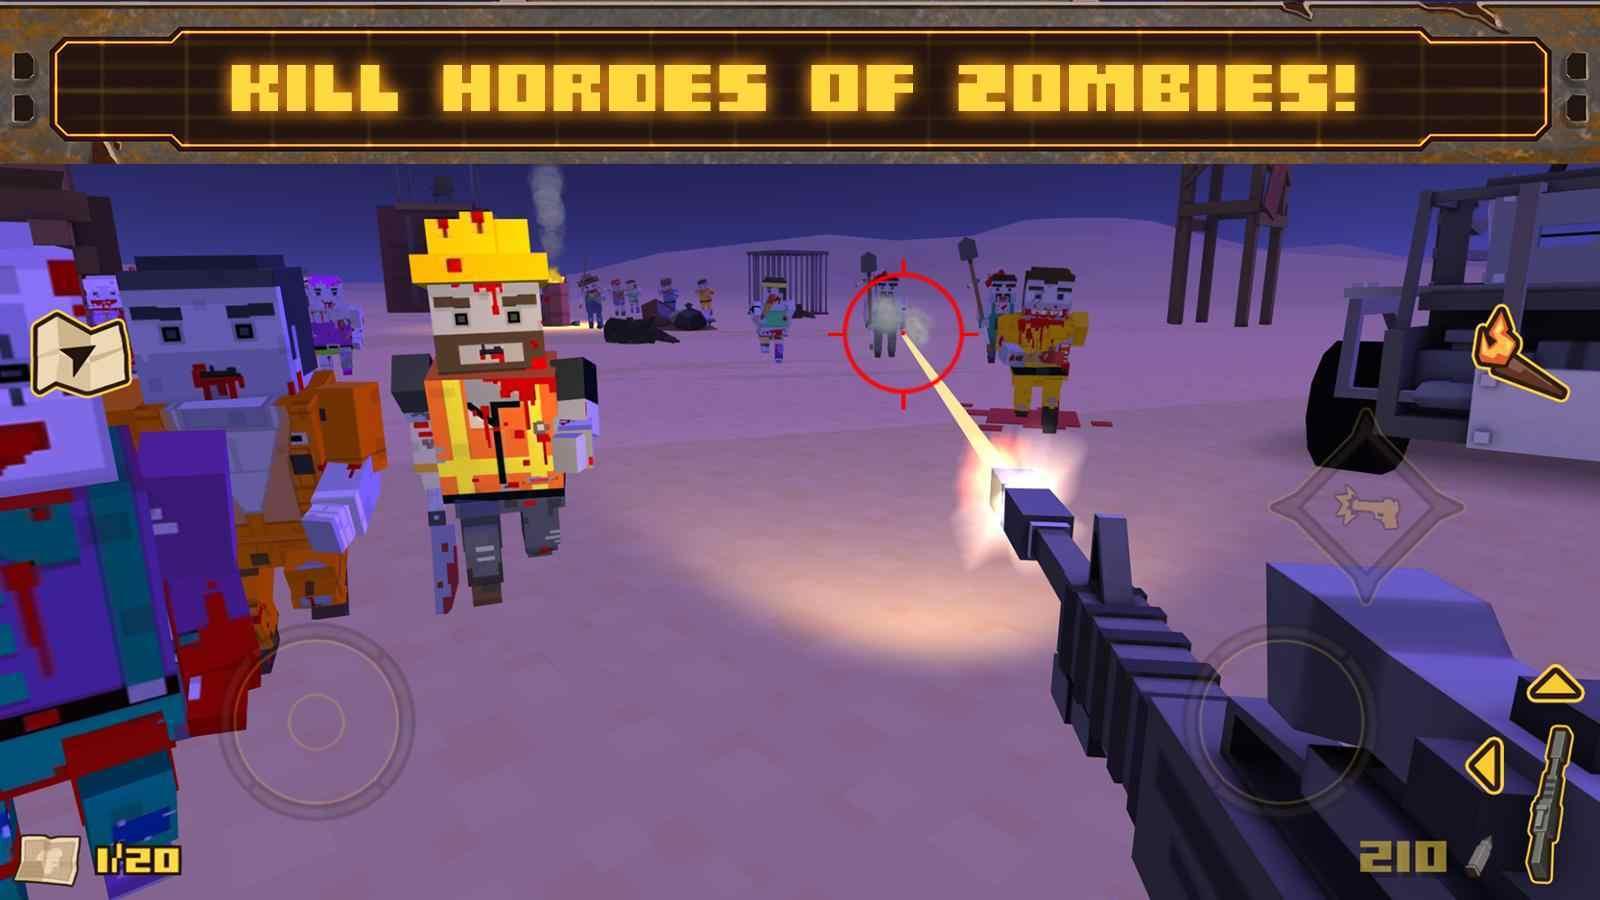 死亡僵尸岛游戏图1